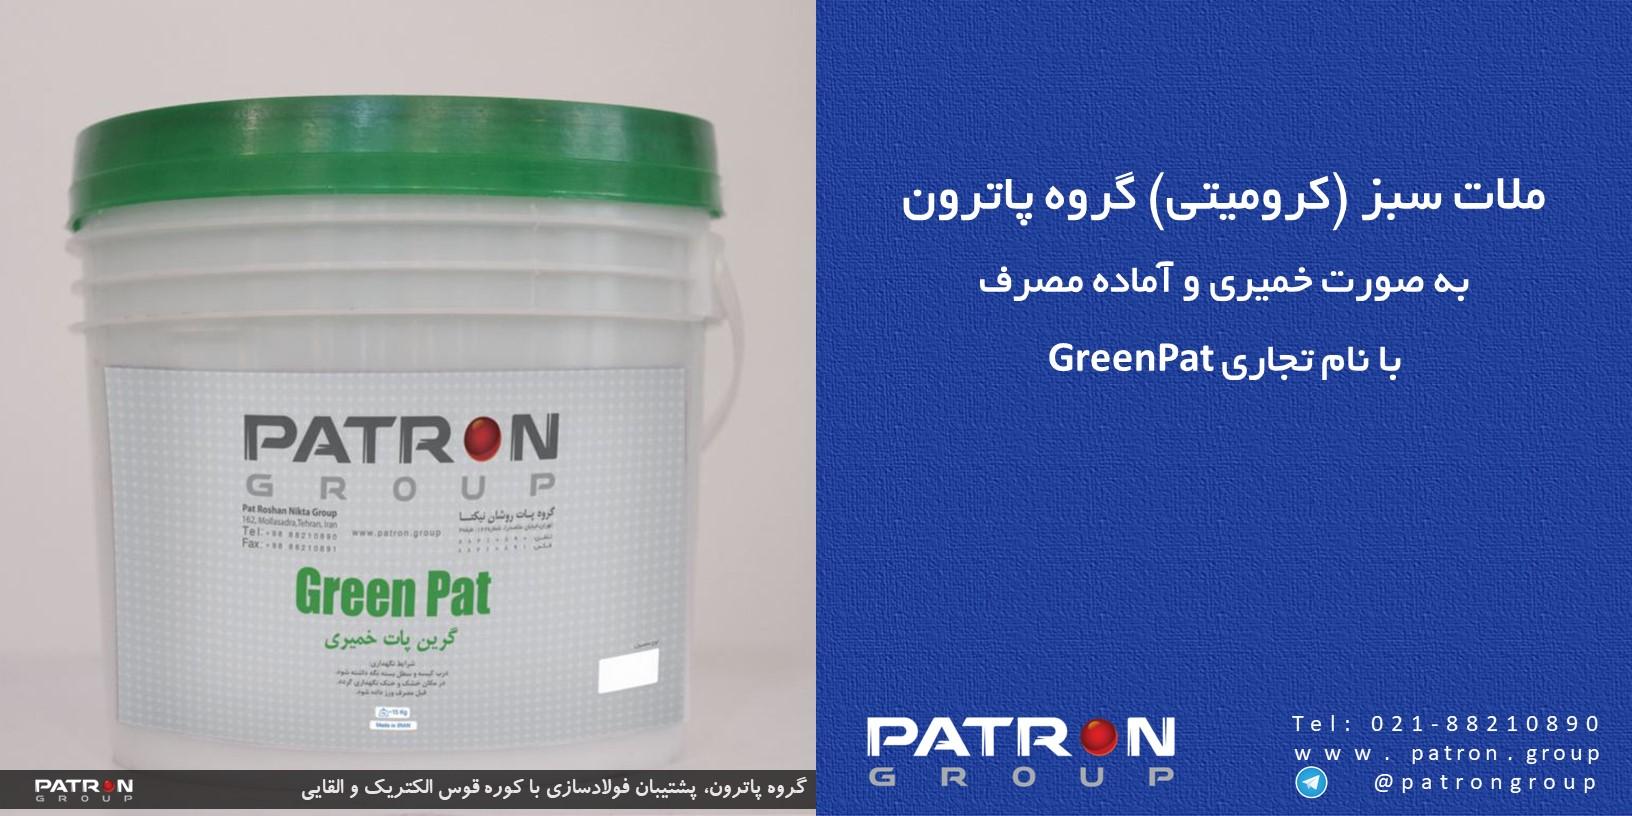 ملات سبز (کرومیتی) گروه پاترون